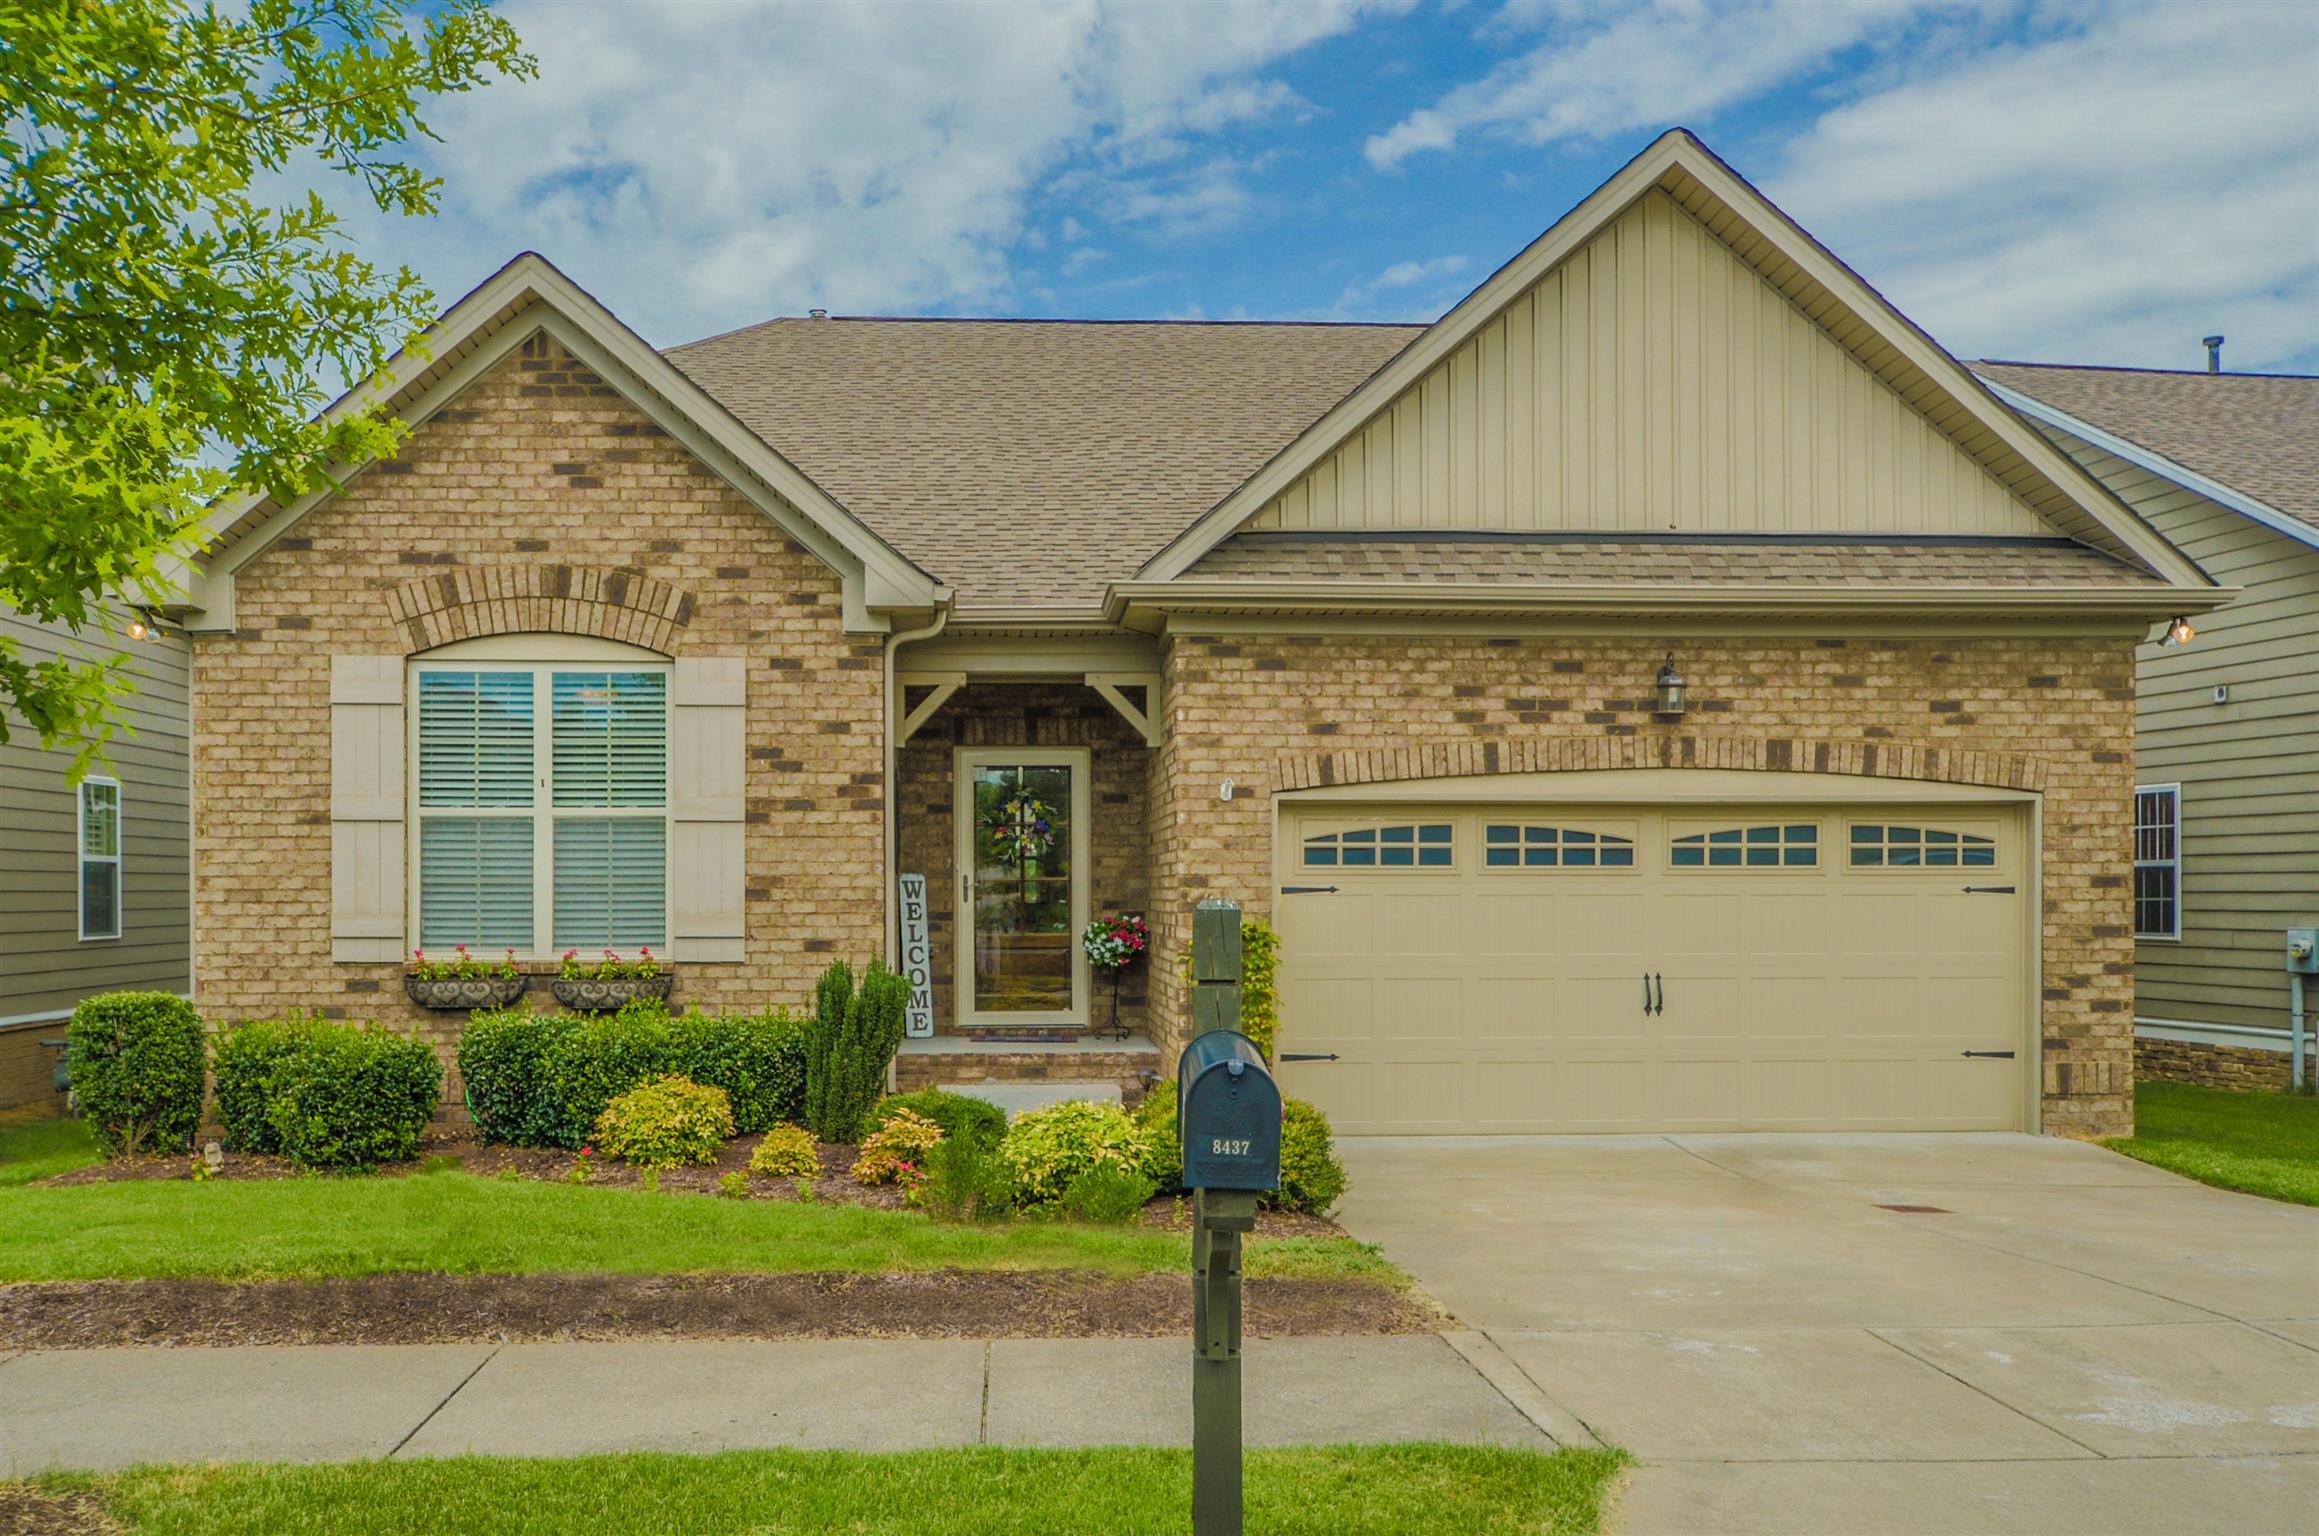 8437 Danbrook Drive, Nolensville, TN 37135 - Nolensville, TN real estate listing